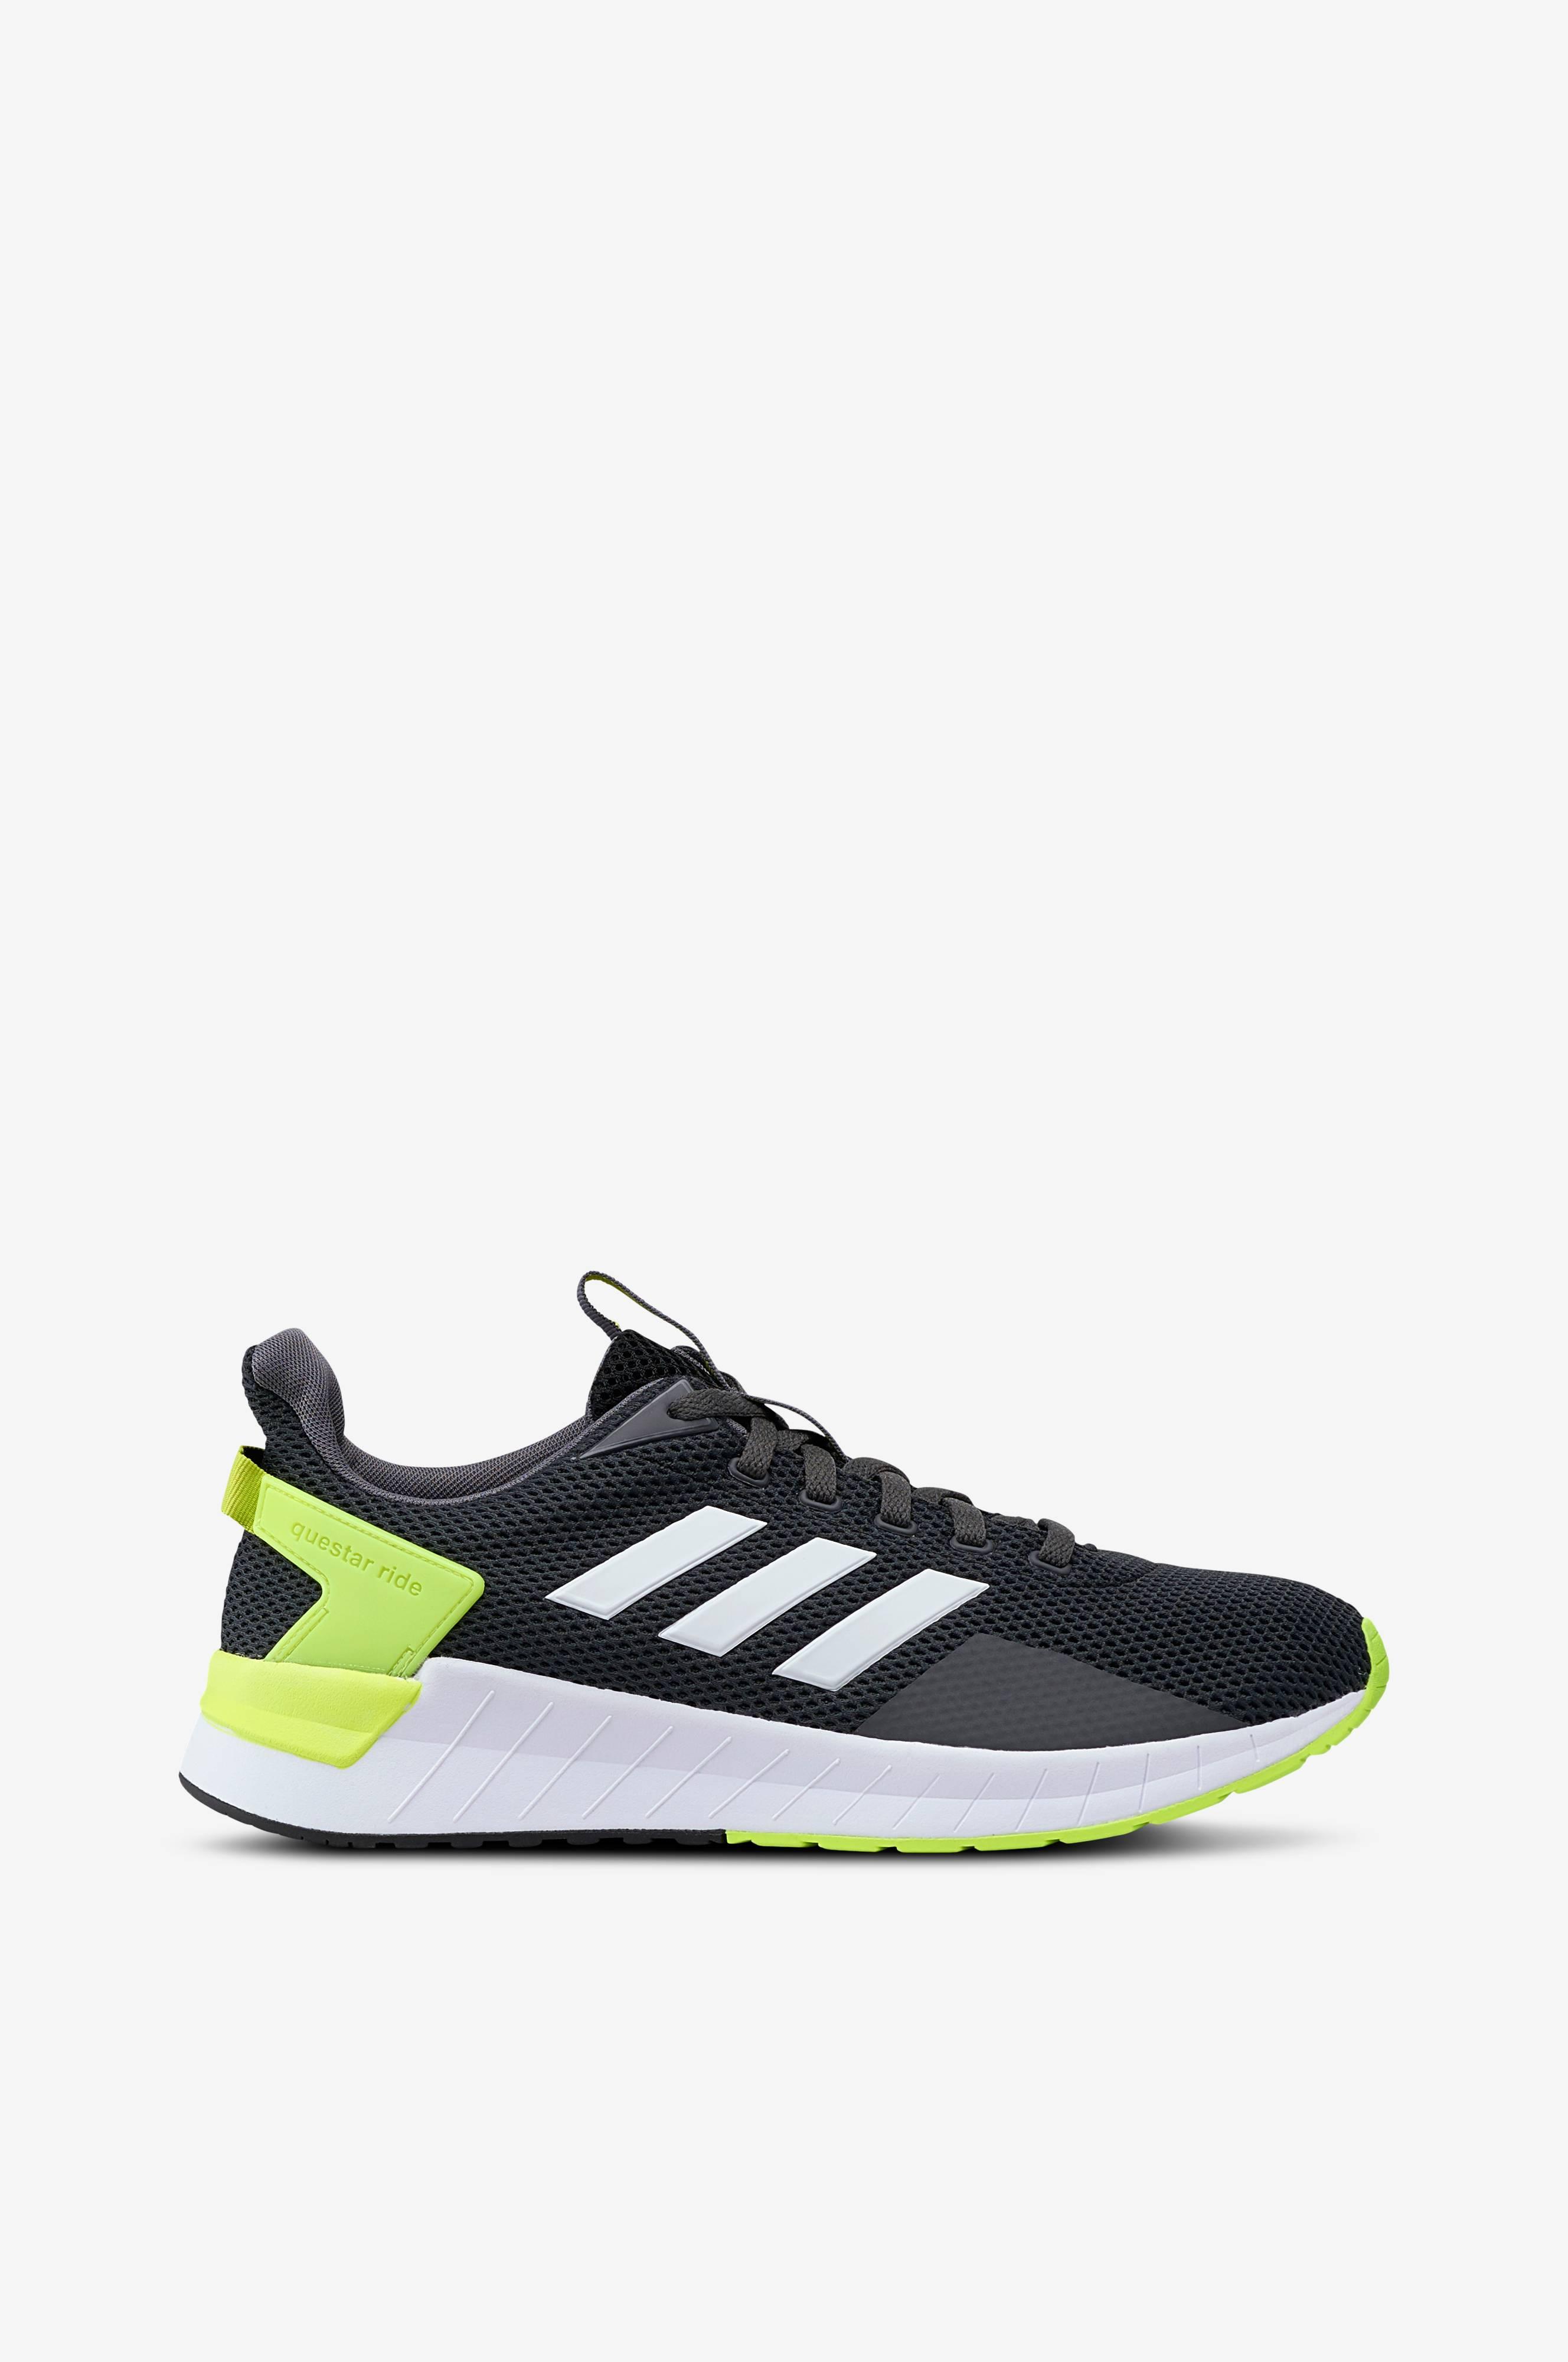 Adidas Questar Ride (Herre)